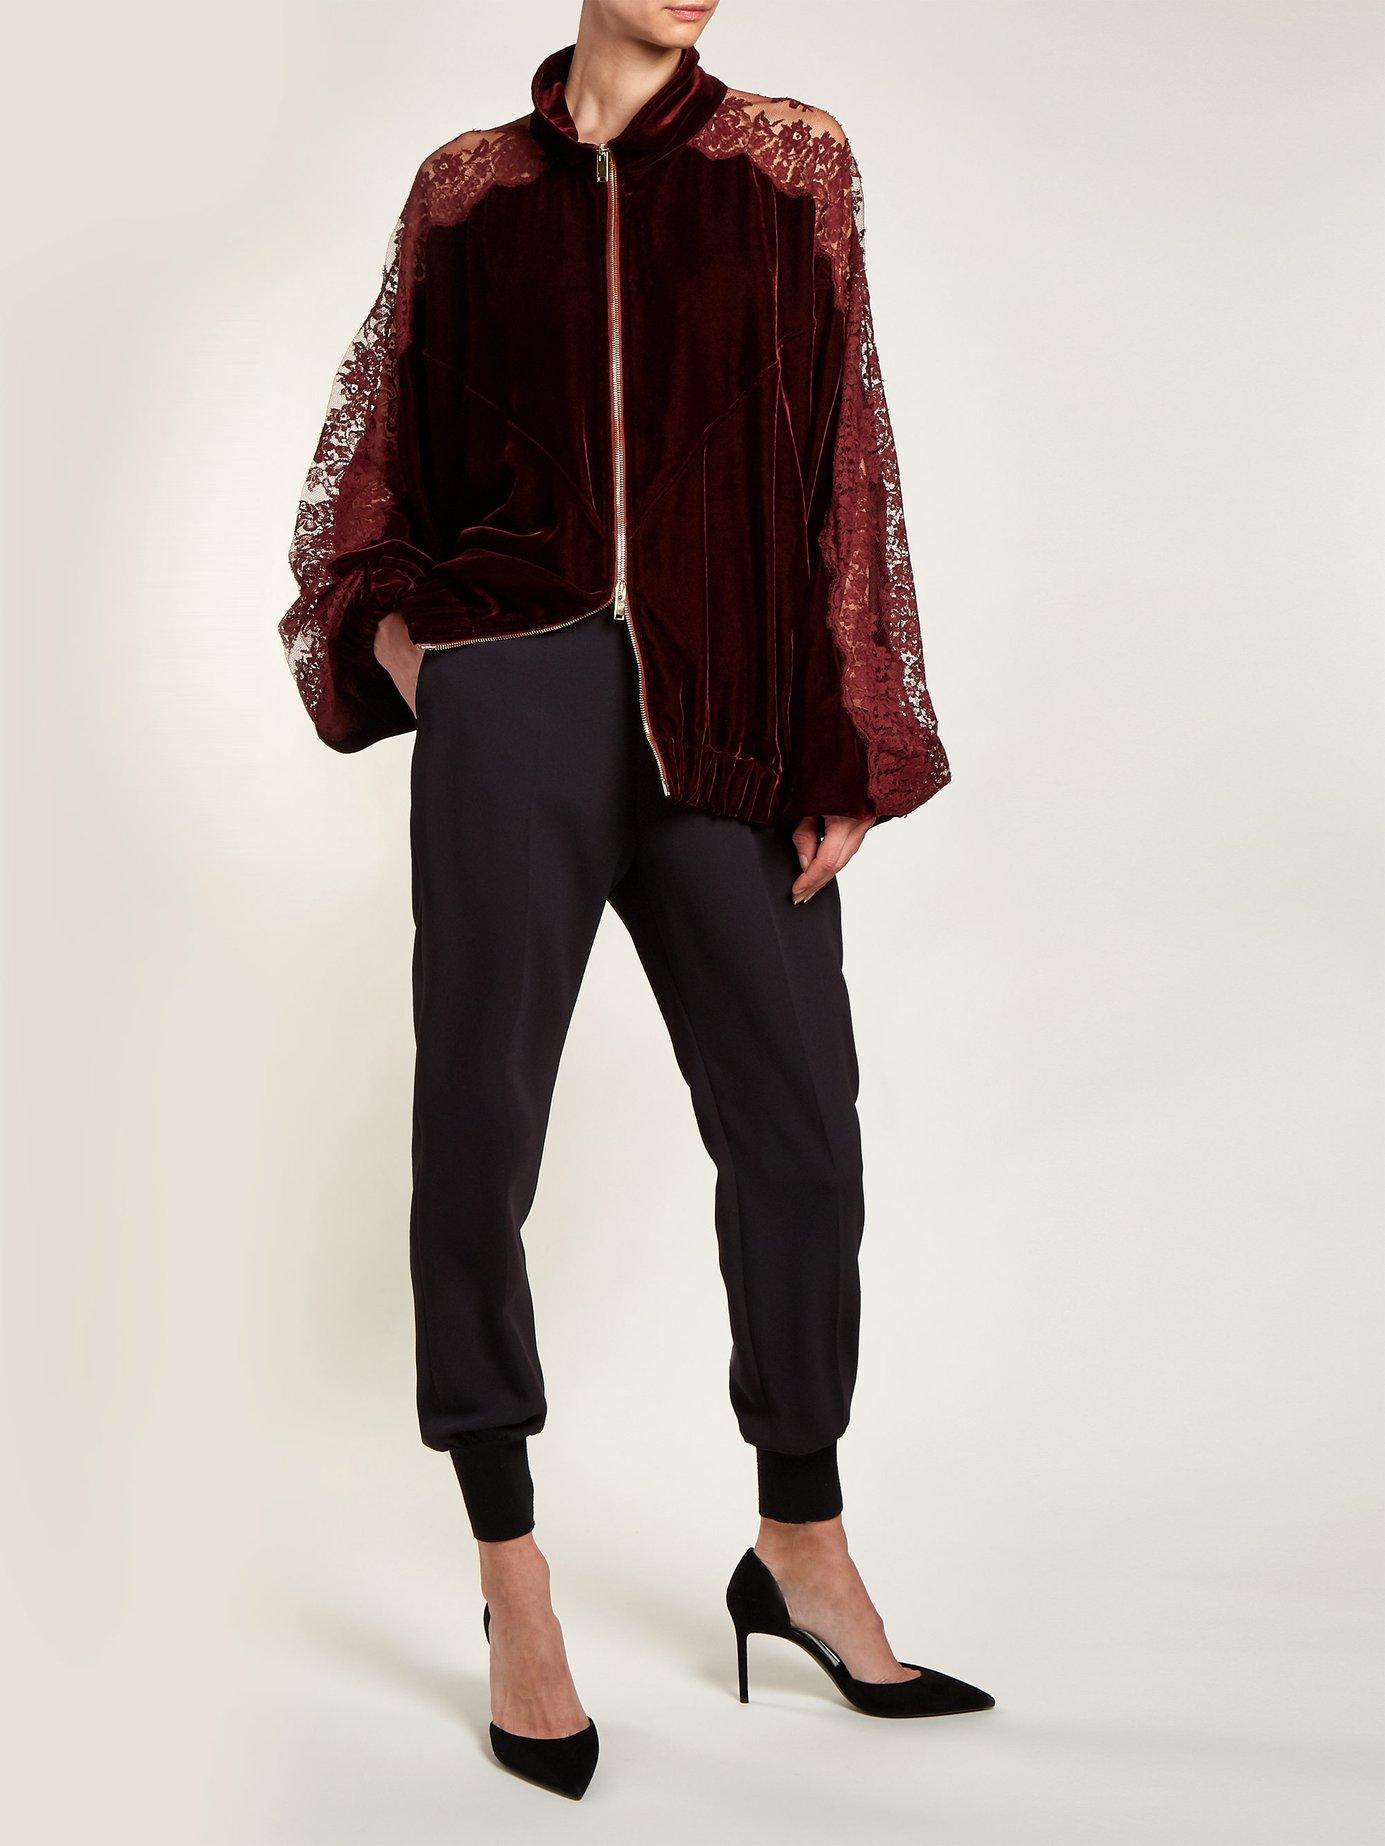 Lace insert stripe-trimmed zip-up sweatshirt by Stella Mccartney